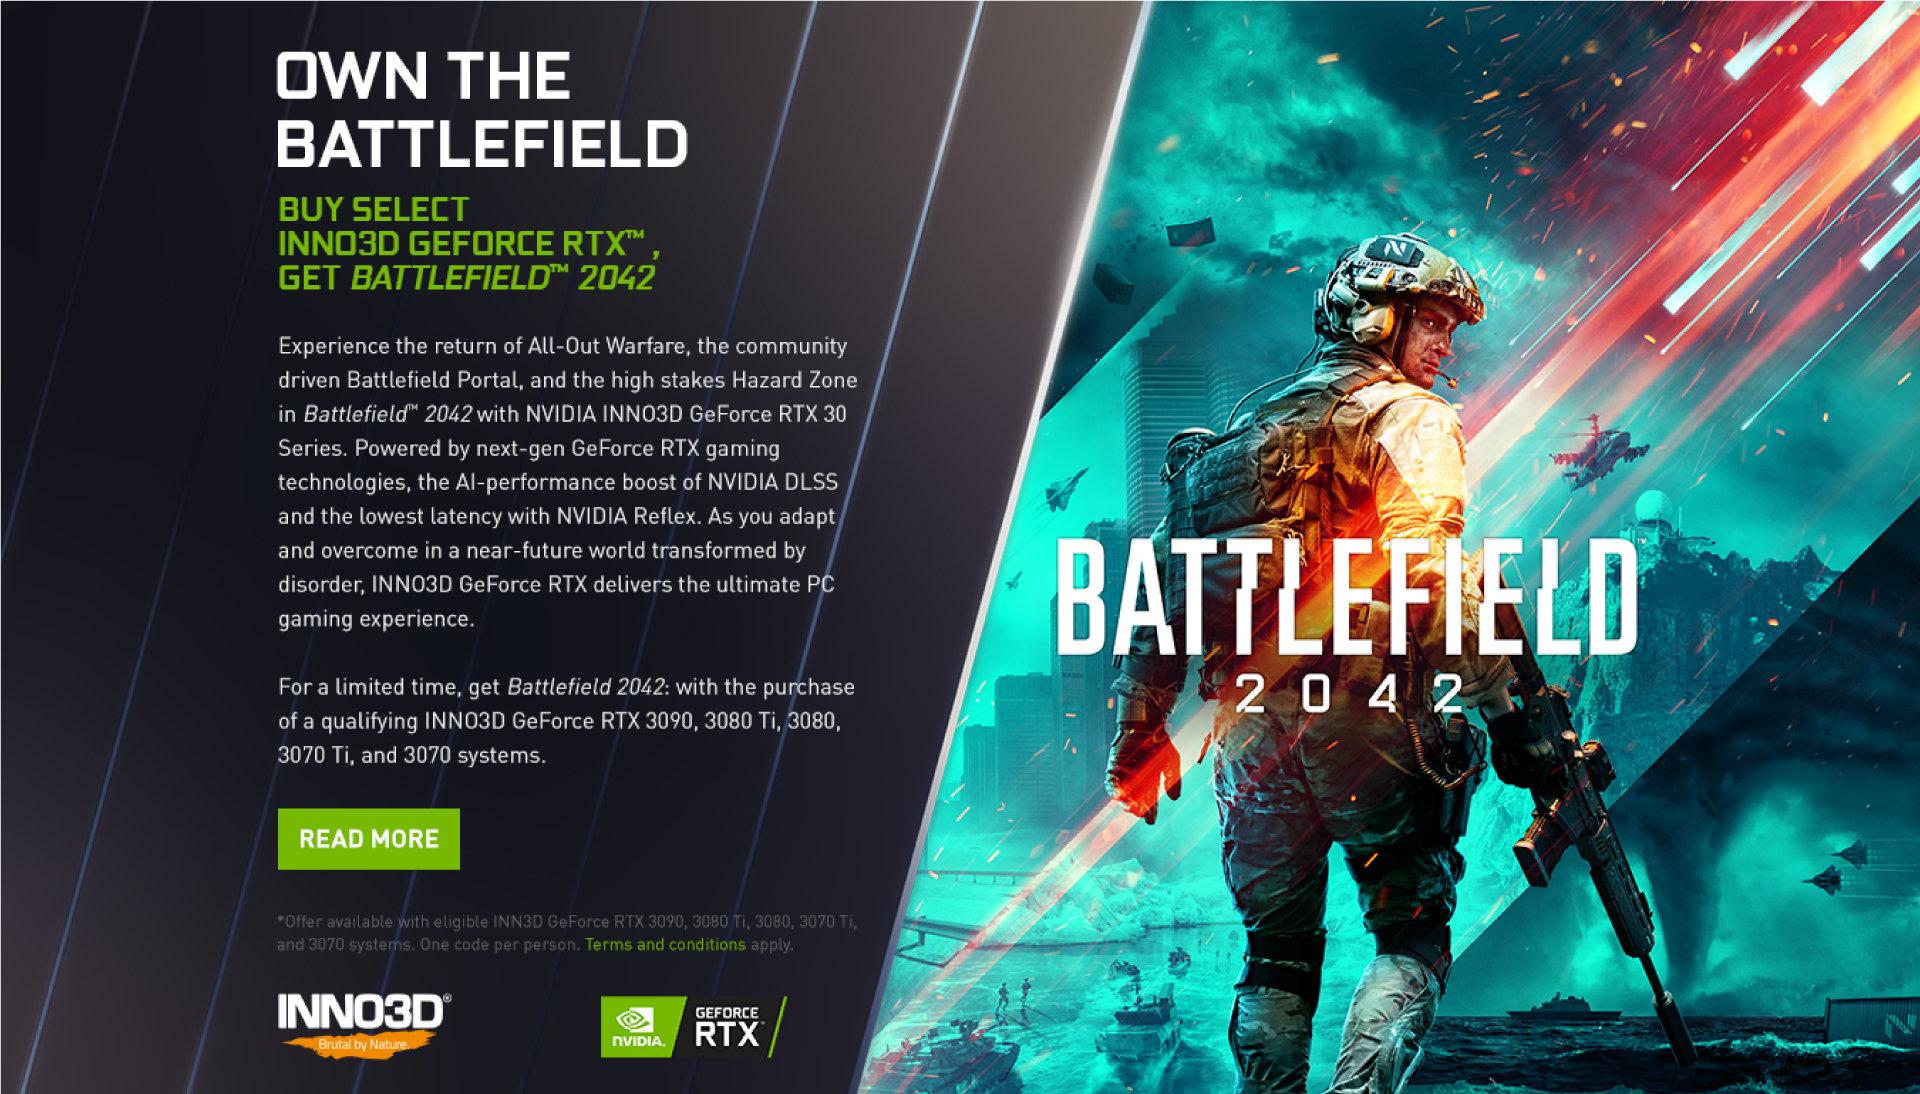 Battlefield 2042 станет бесплатным для покупателей карт GeForce RTX 30-й серии